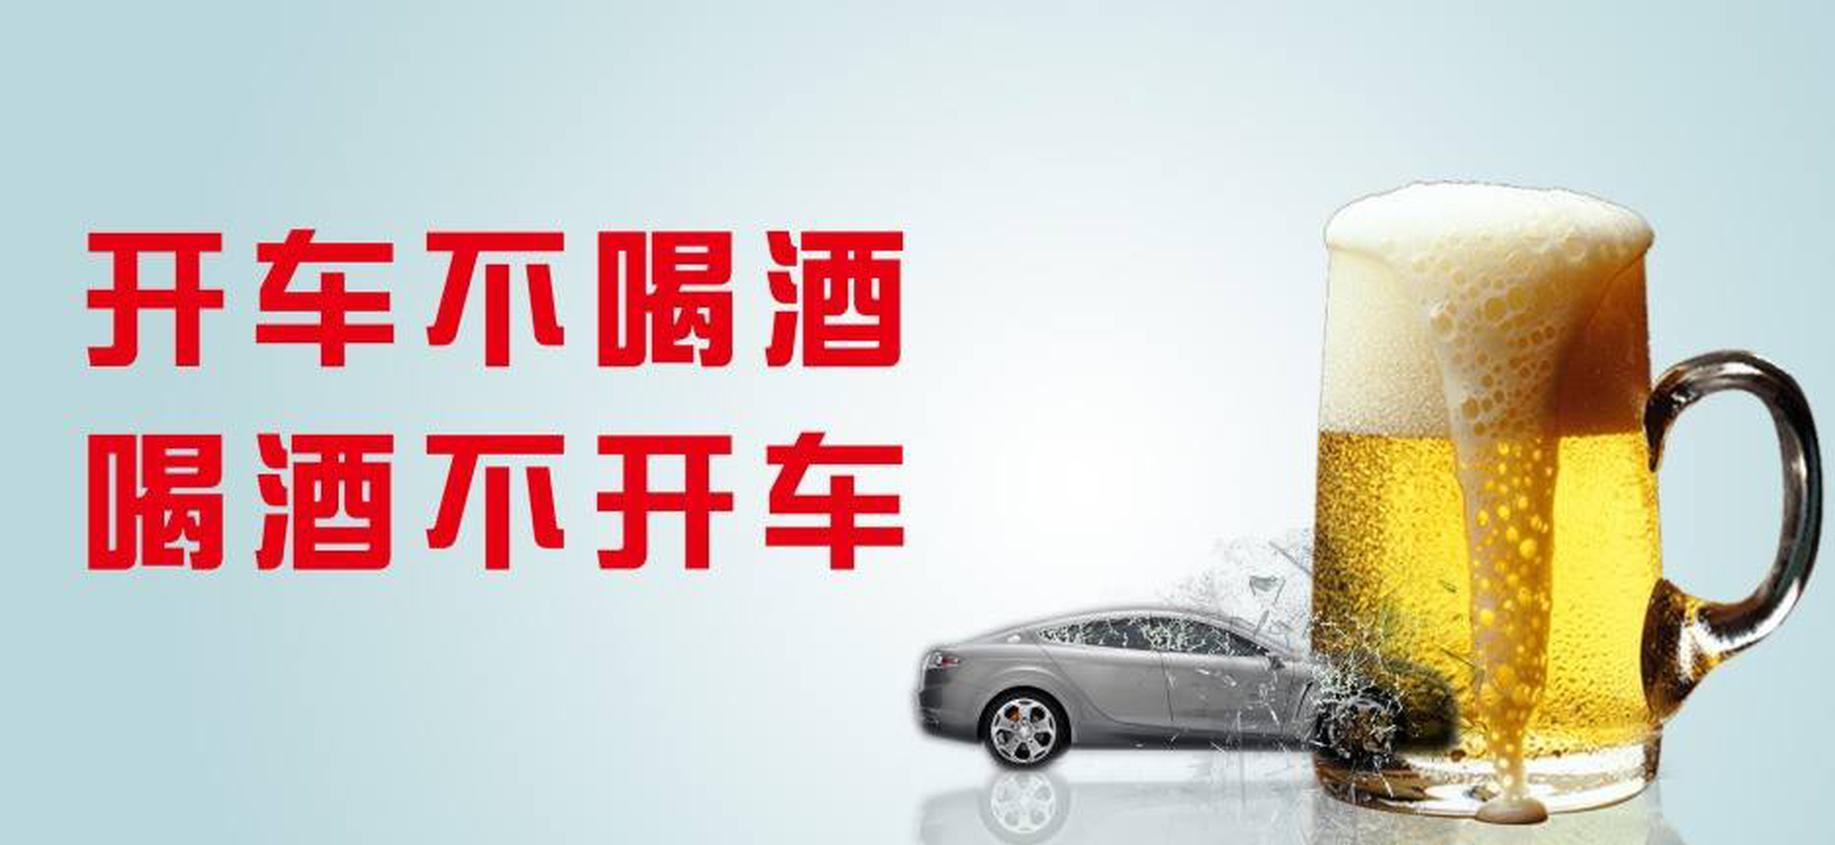 ?#36824;?#22971;儿安危酒后驾车 男子被吊销驾照